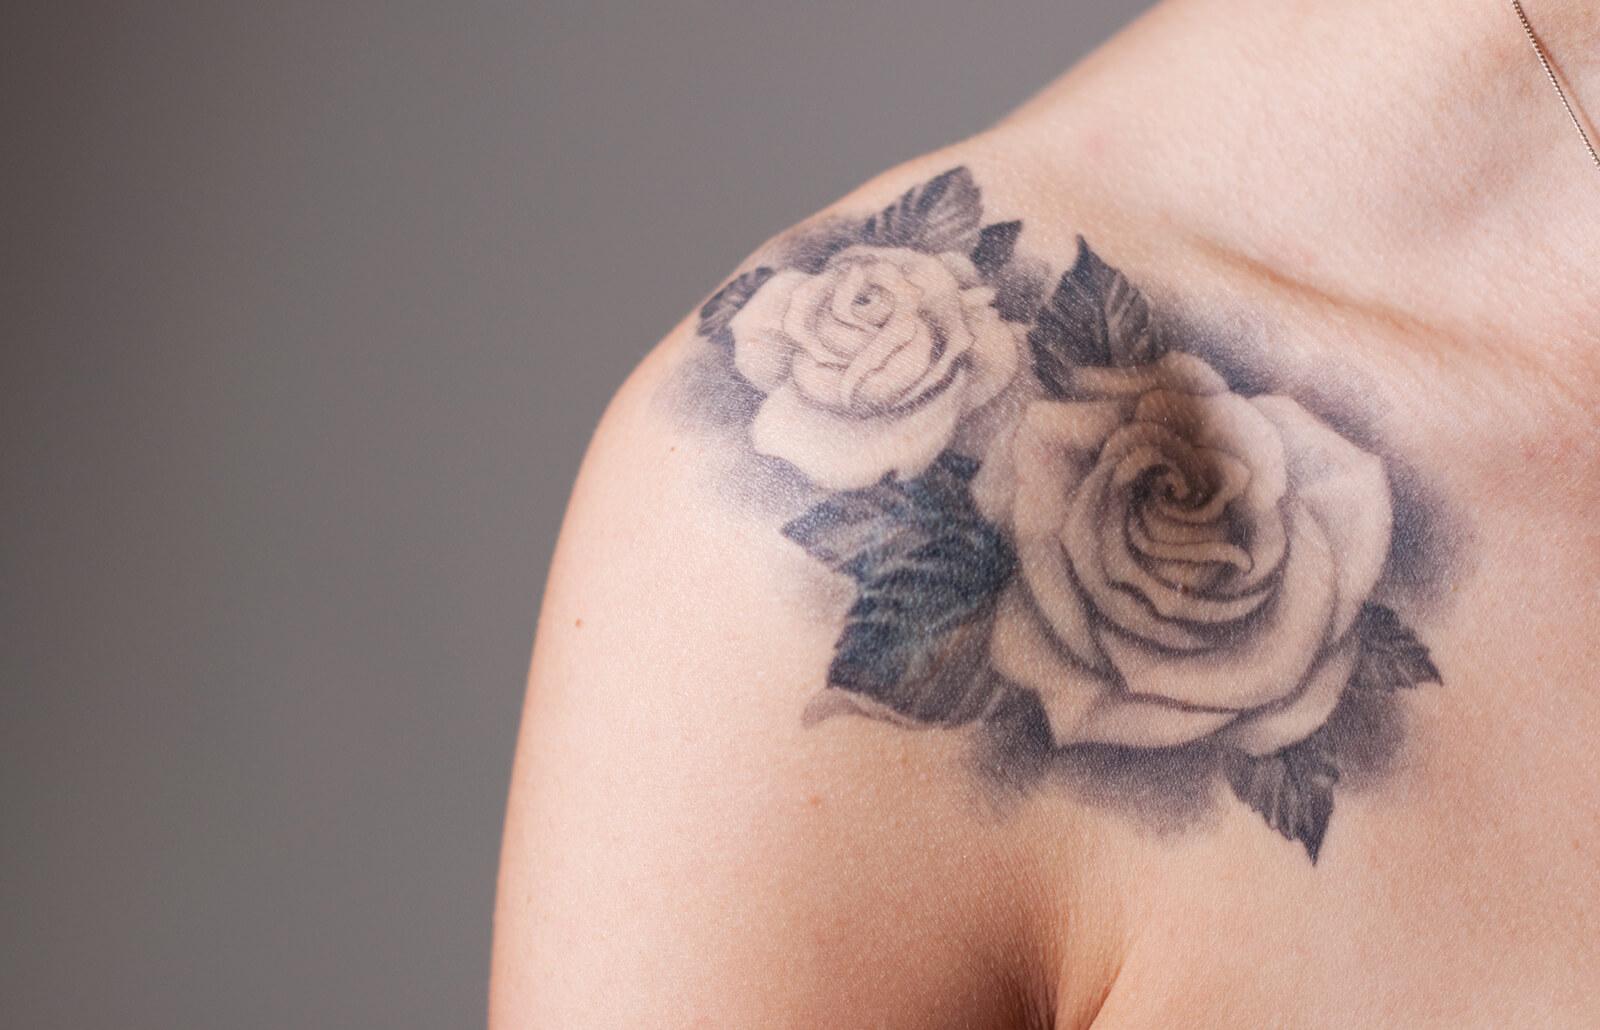 Tatuajes de rosas | LoveToKnow